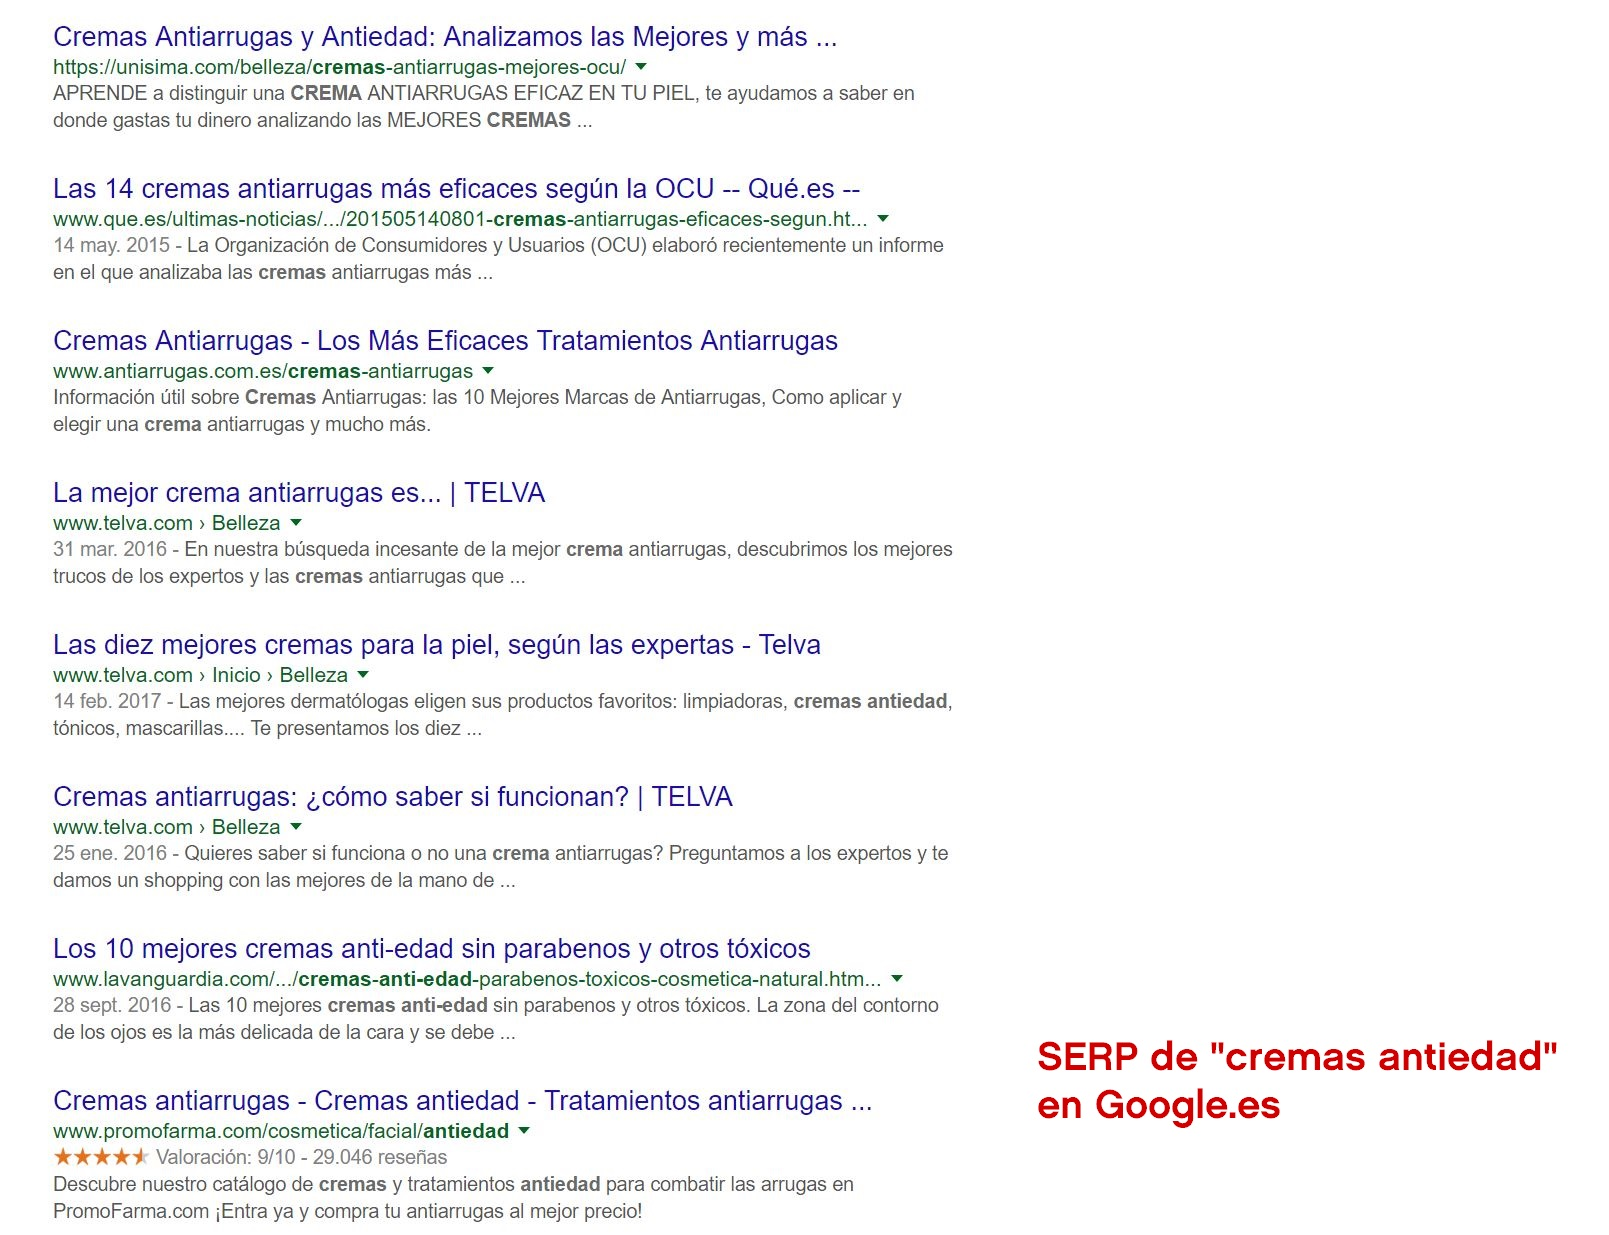 """SERP para la keyword """"crema antiedad"""" en Google.es"""